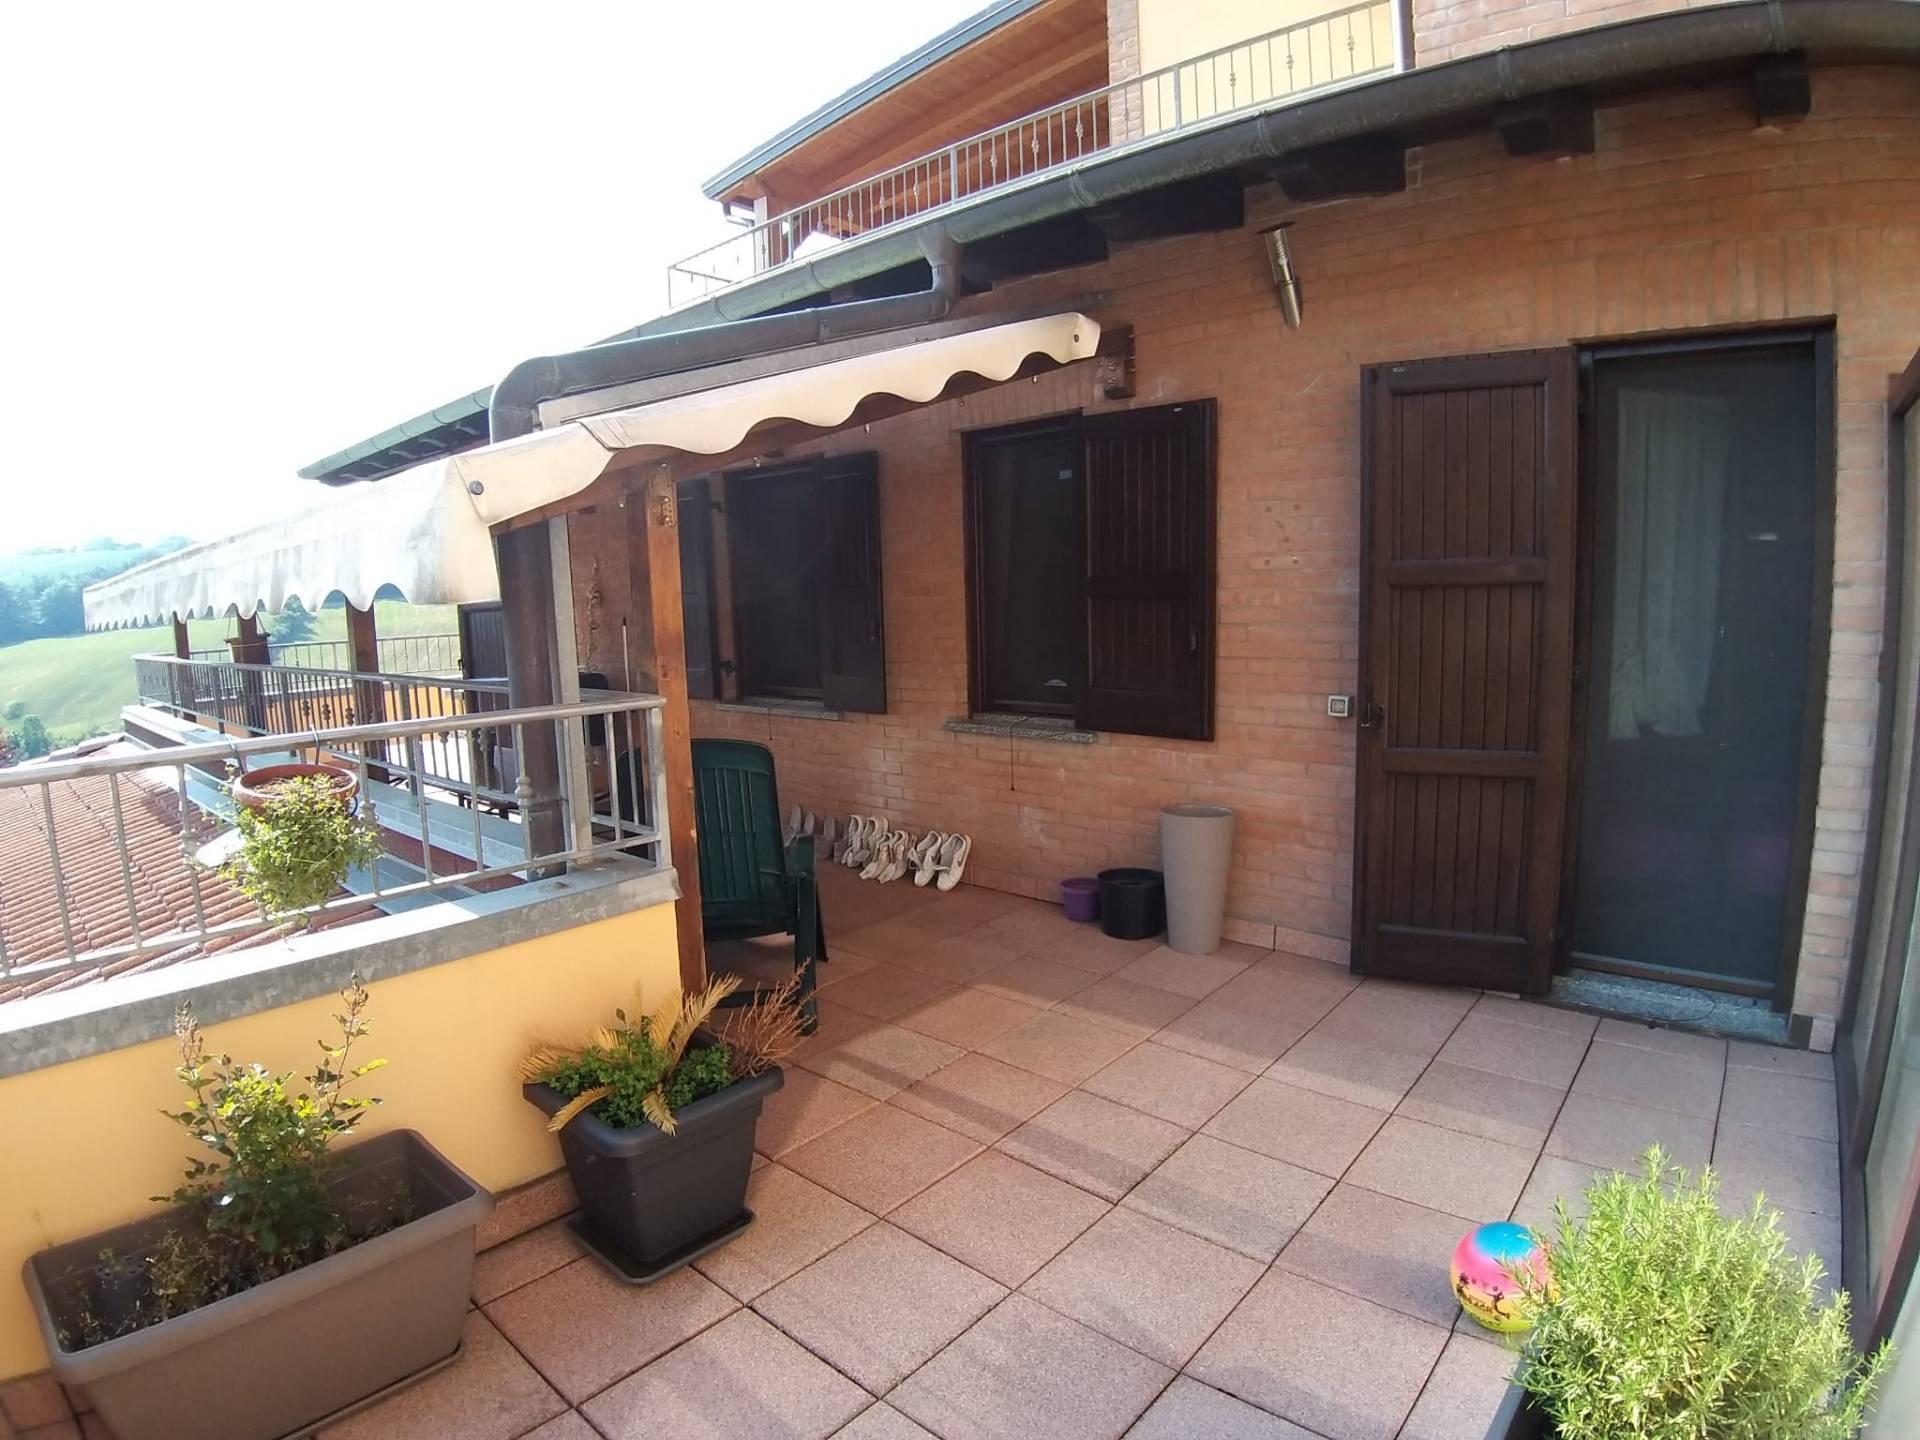 Appartamento in vendita a Pavullo nel Frignano, 3 locali, zona Località: Ville, prezzo € 170.000 | PortaleAgenzieImmobiliari.it